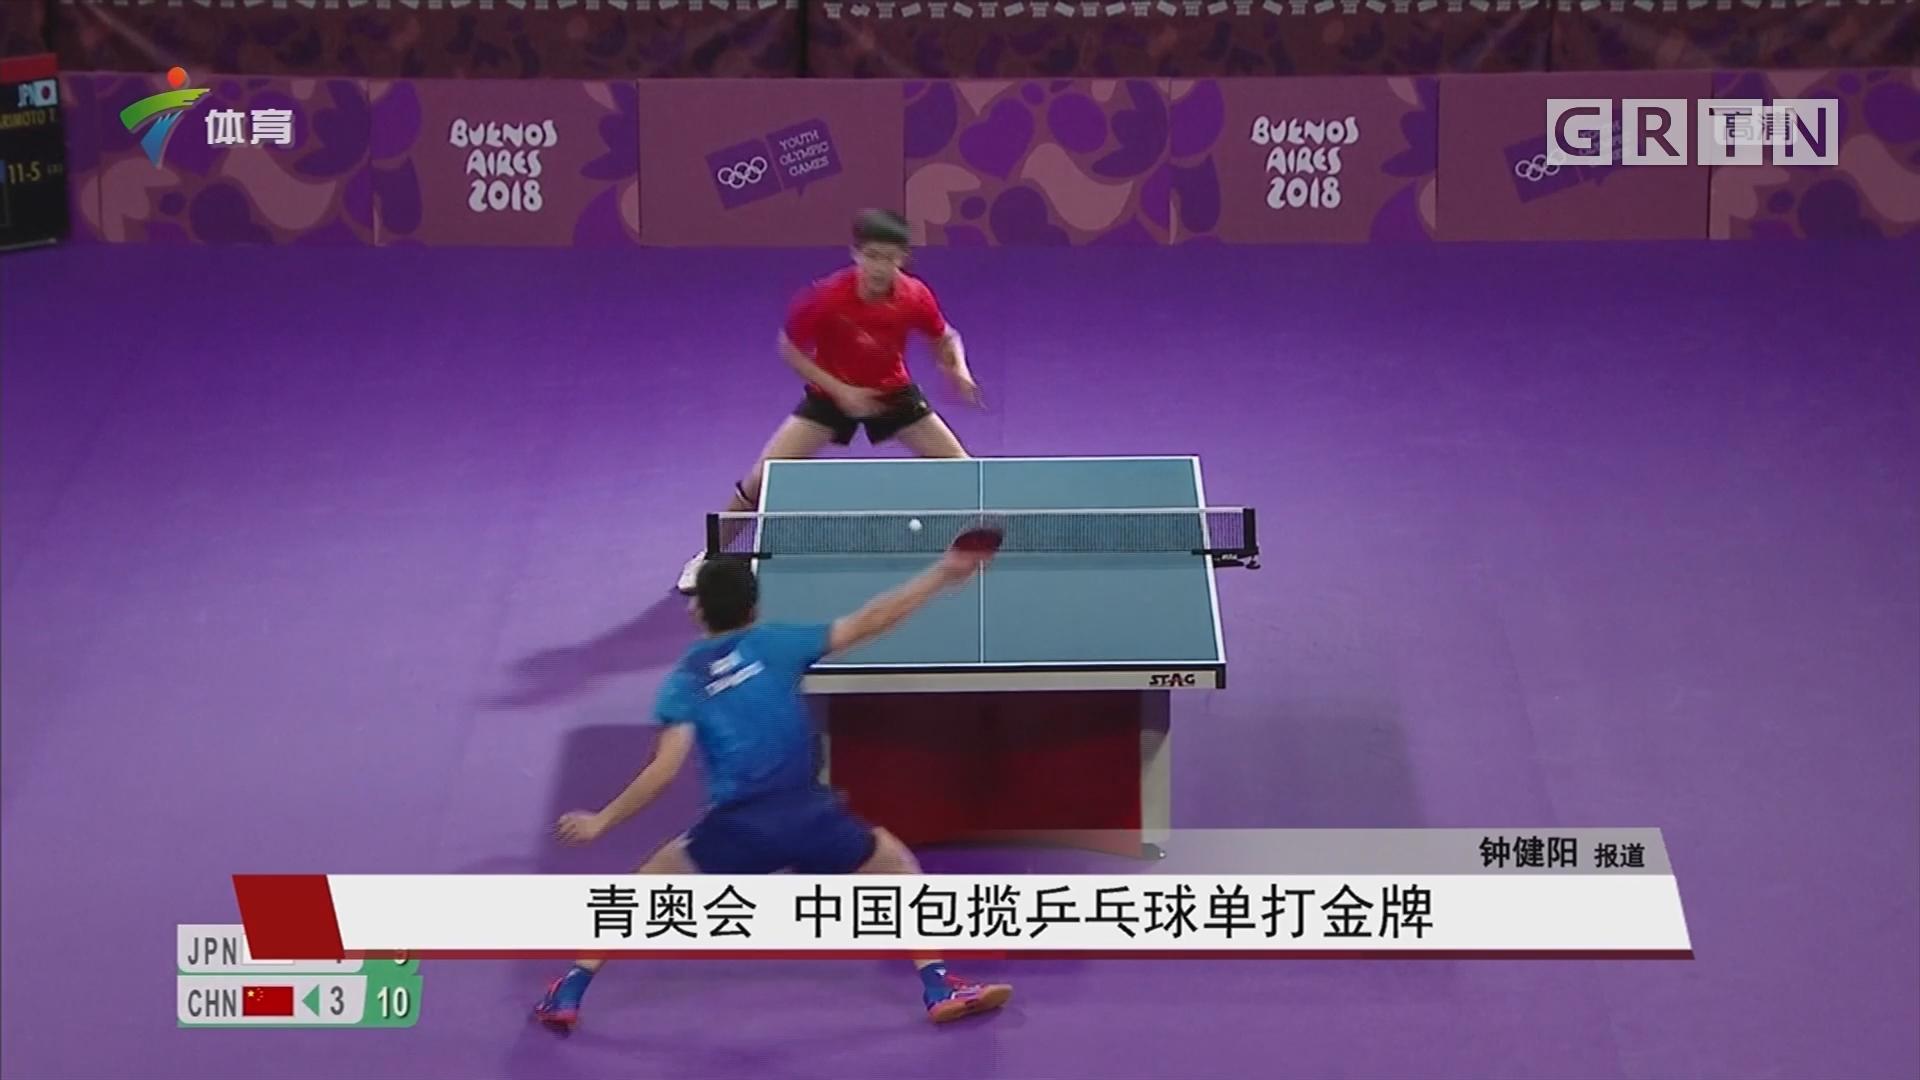 青奥会 中国包揽乒乓球单打金牌